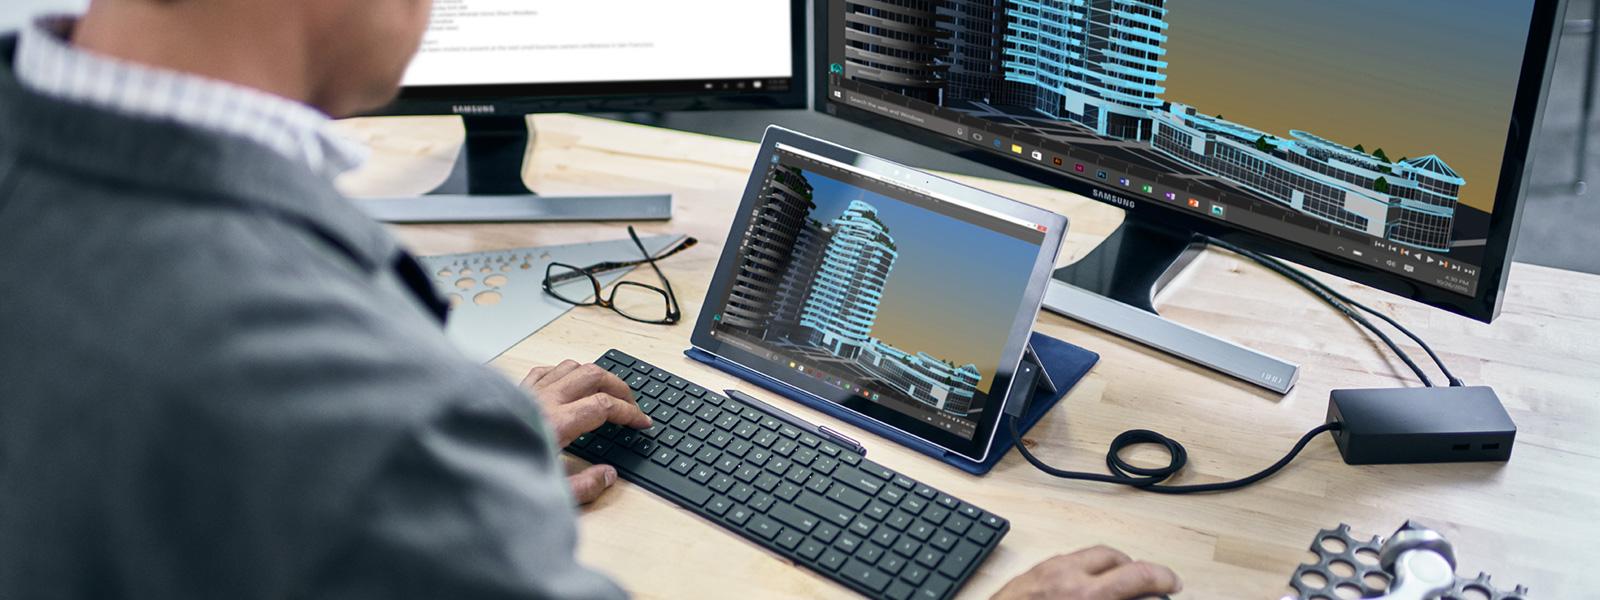 Surface Pro 4, monitor de grandes dimensões e teclado numa secretária.